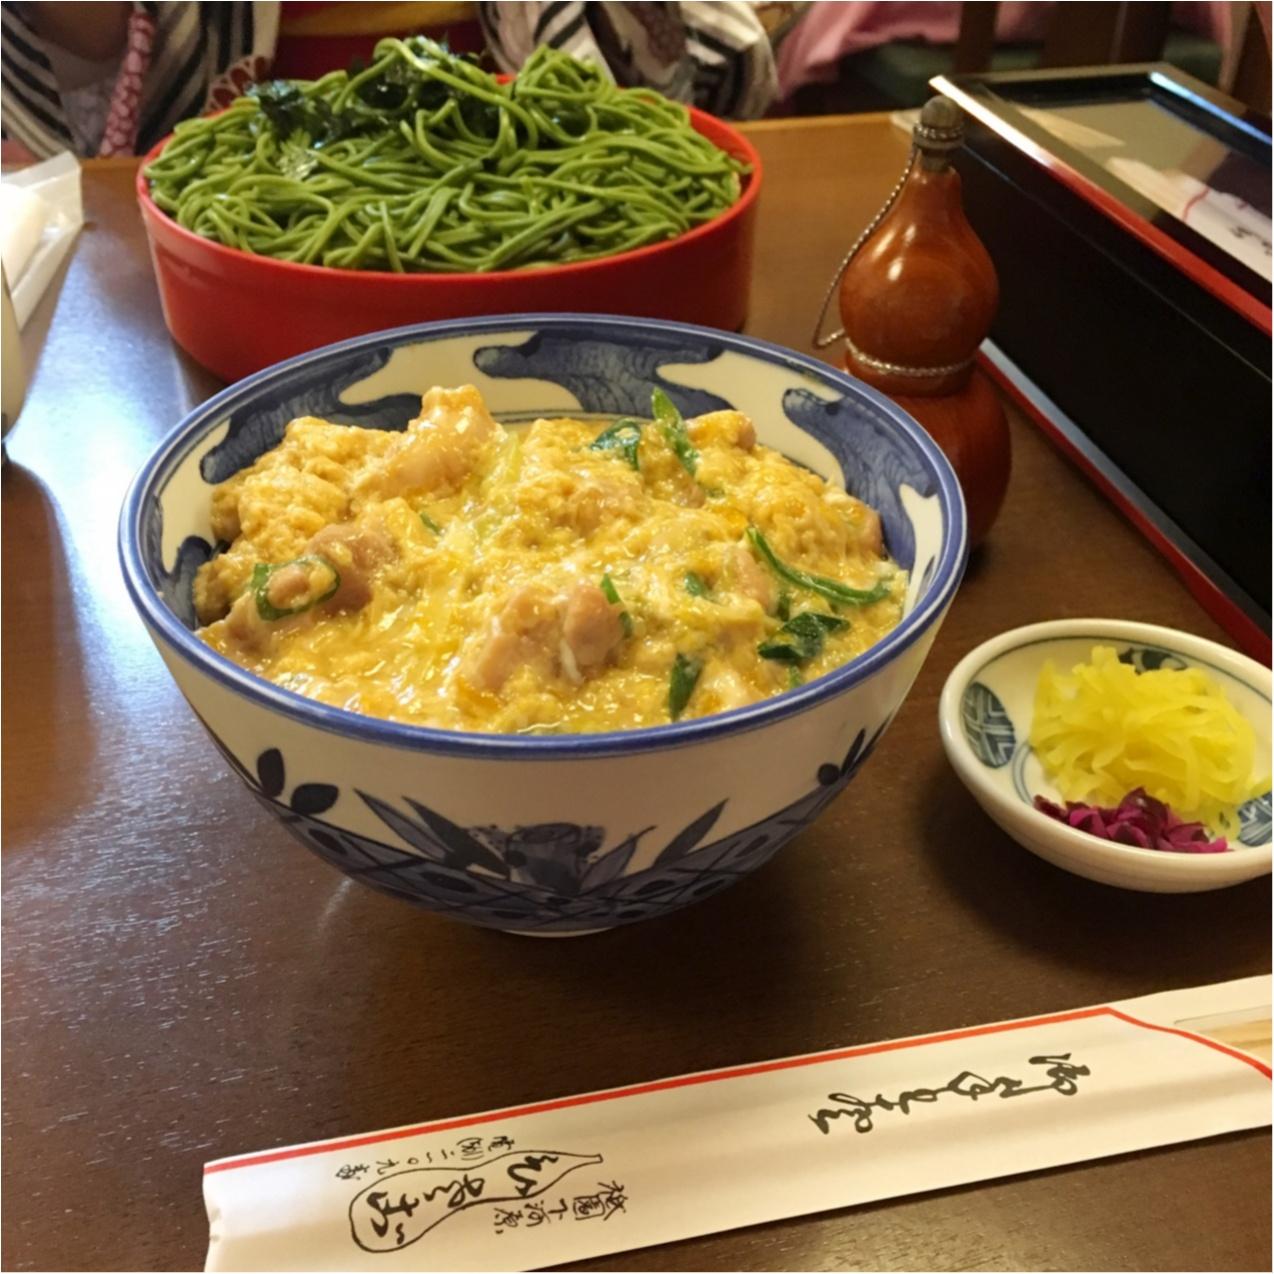 ふわトロっ♡ 絶対に食べたい!京都の老舗《 ひさご 》が作る、人気の親子丼♡♡_5